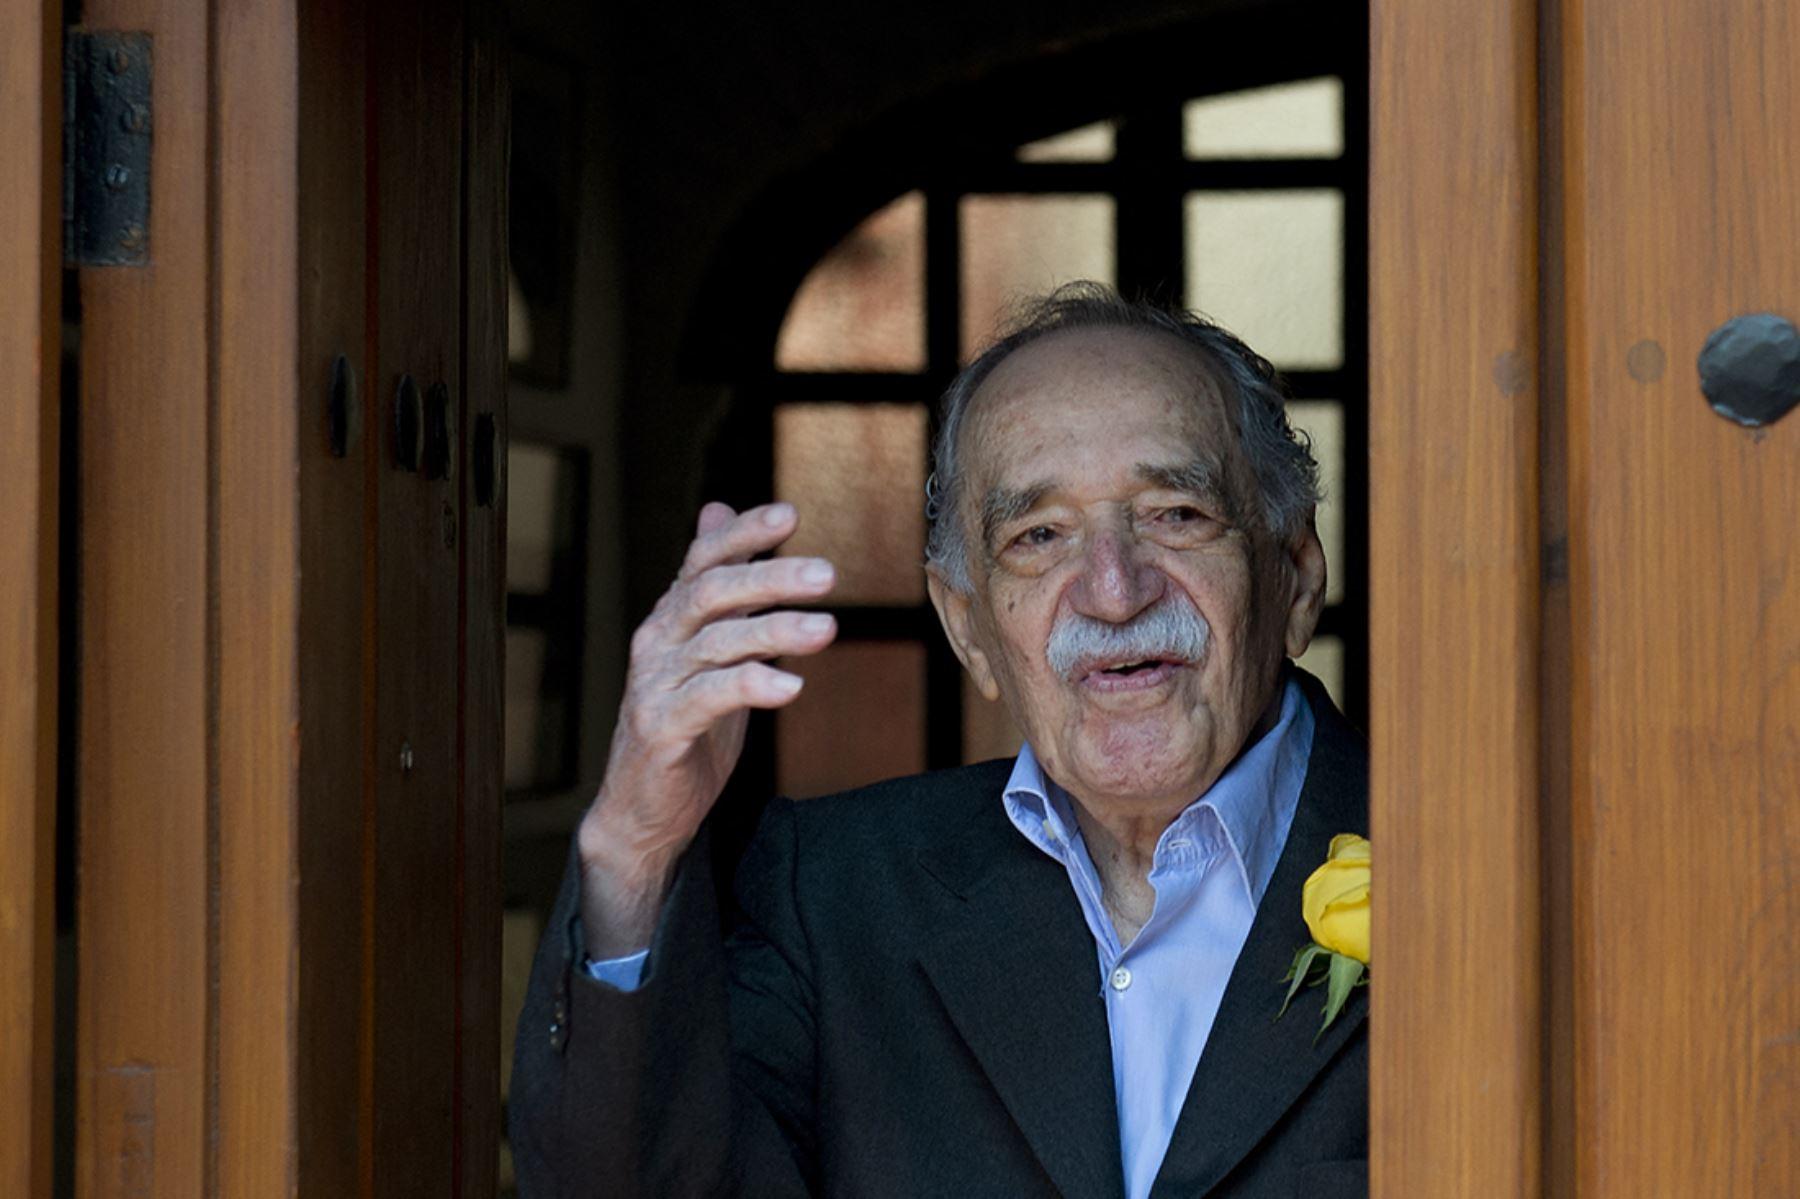 El escritor y periodista ganador del premio Nobel de Literatura, Gabriel García Márquez, saluda al salir de su casa para encontrarse con la prensa el día de cumpleaños, en la Ciudad de México, el 6 de marzo de 2014.  Foto: AFP